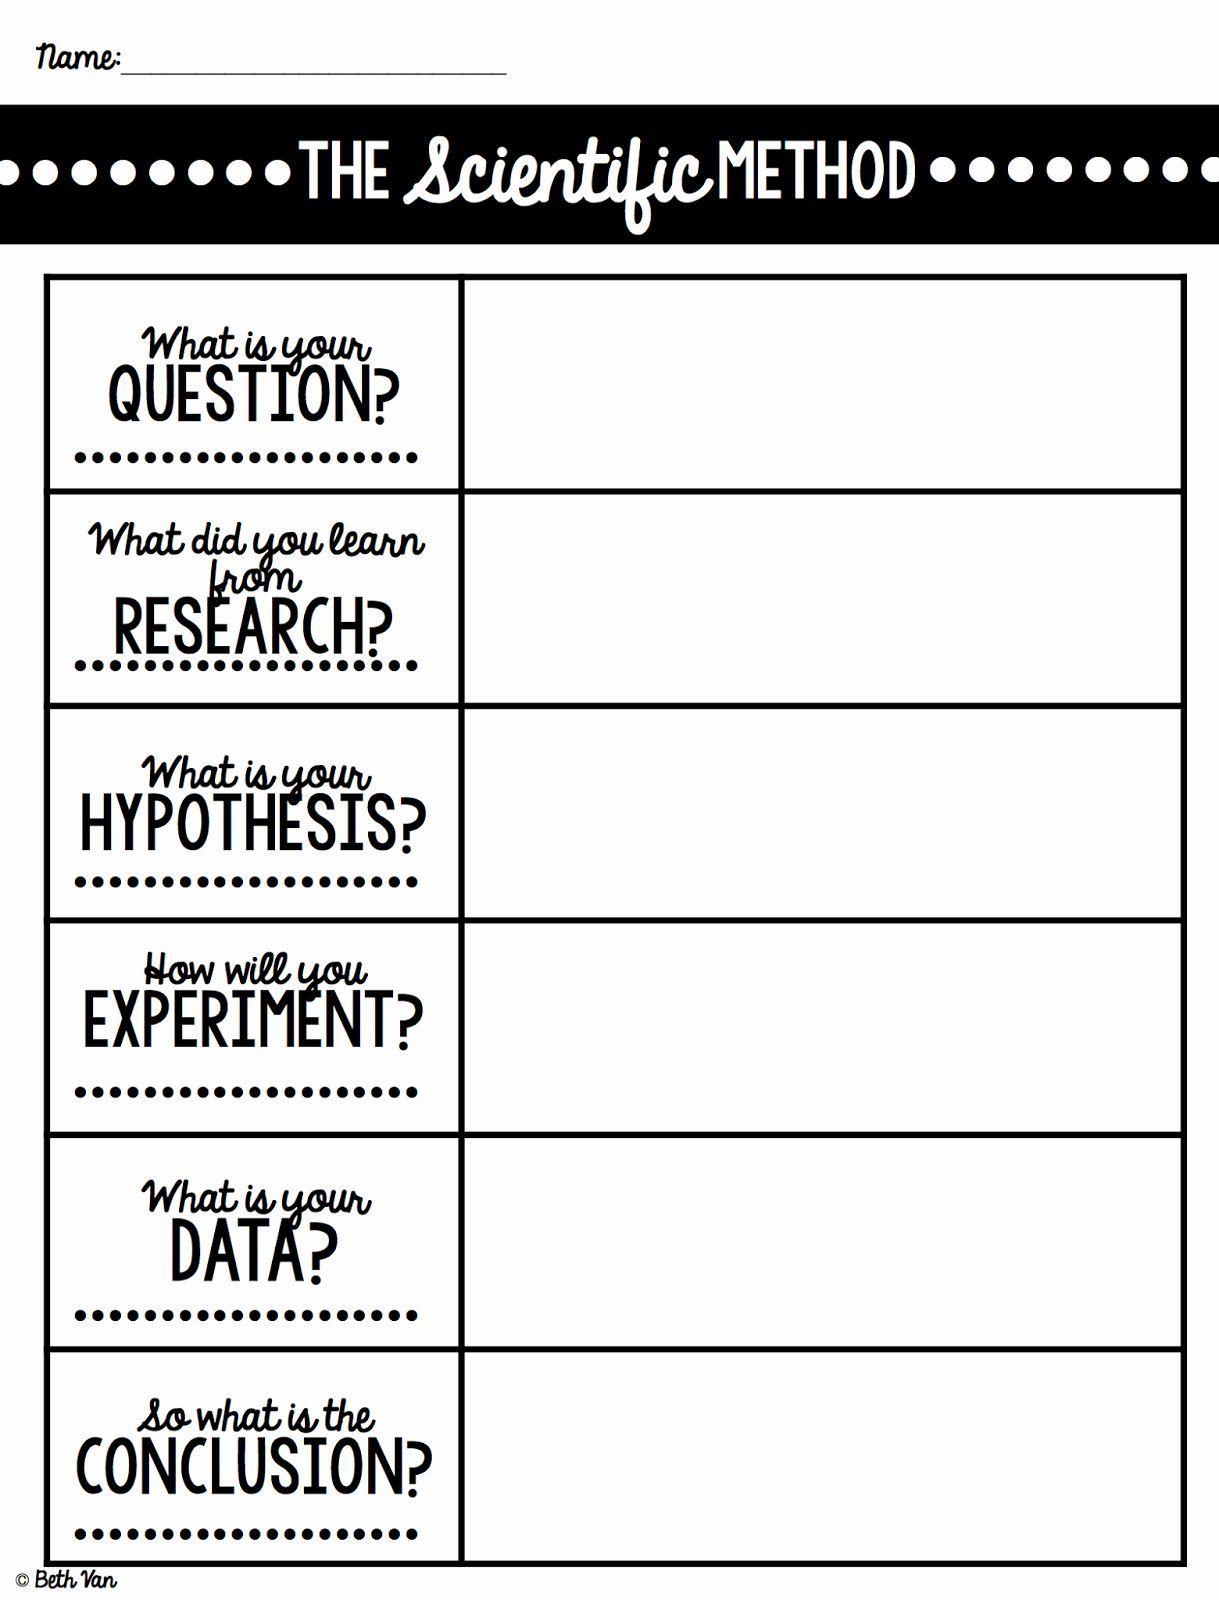 Scientific Method Steps Worksheet Beautiful